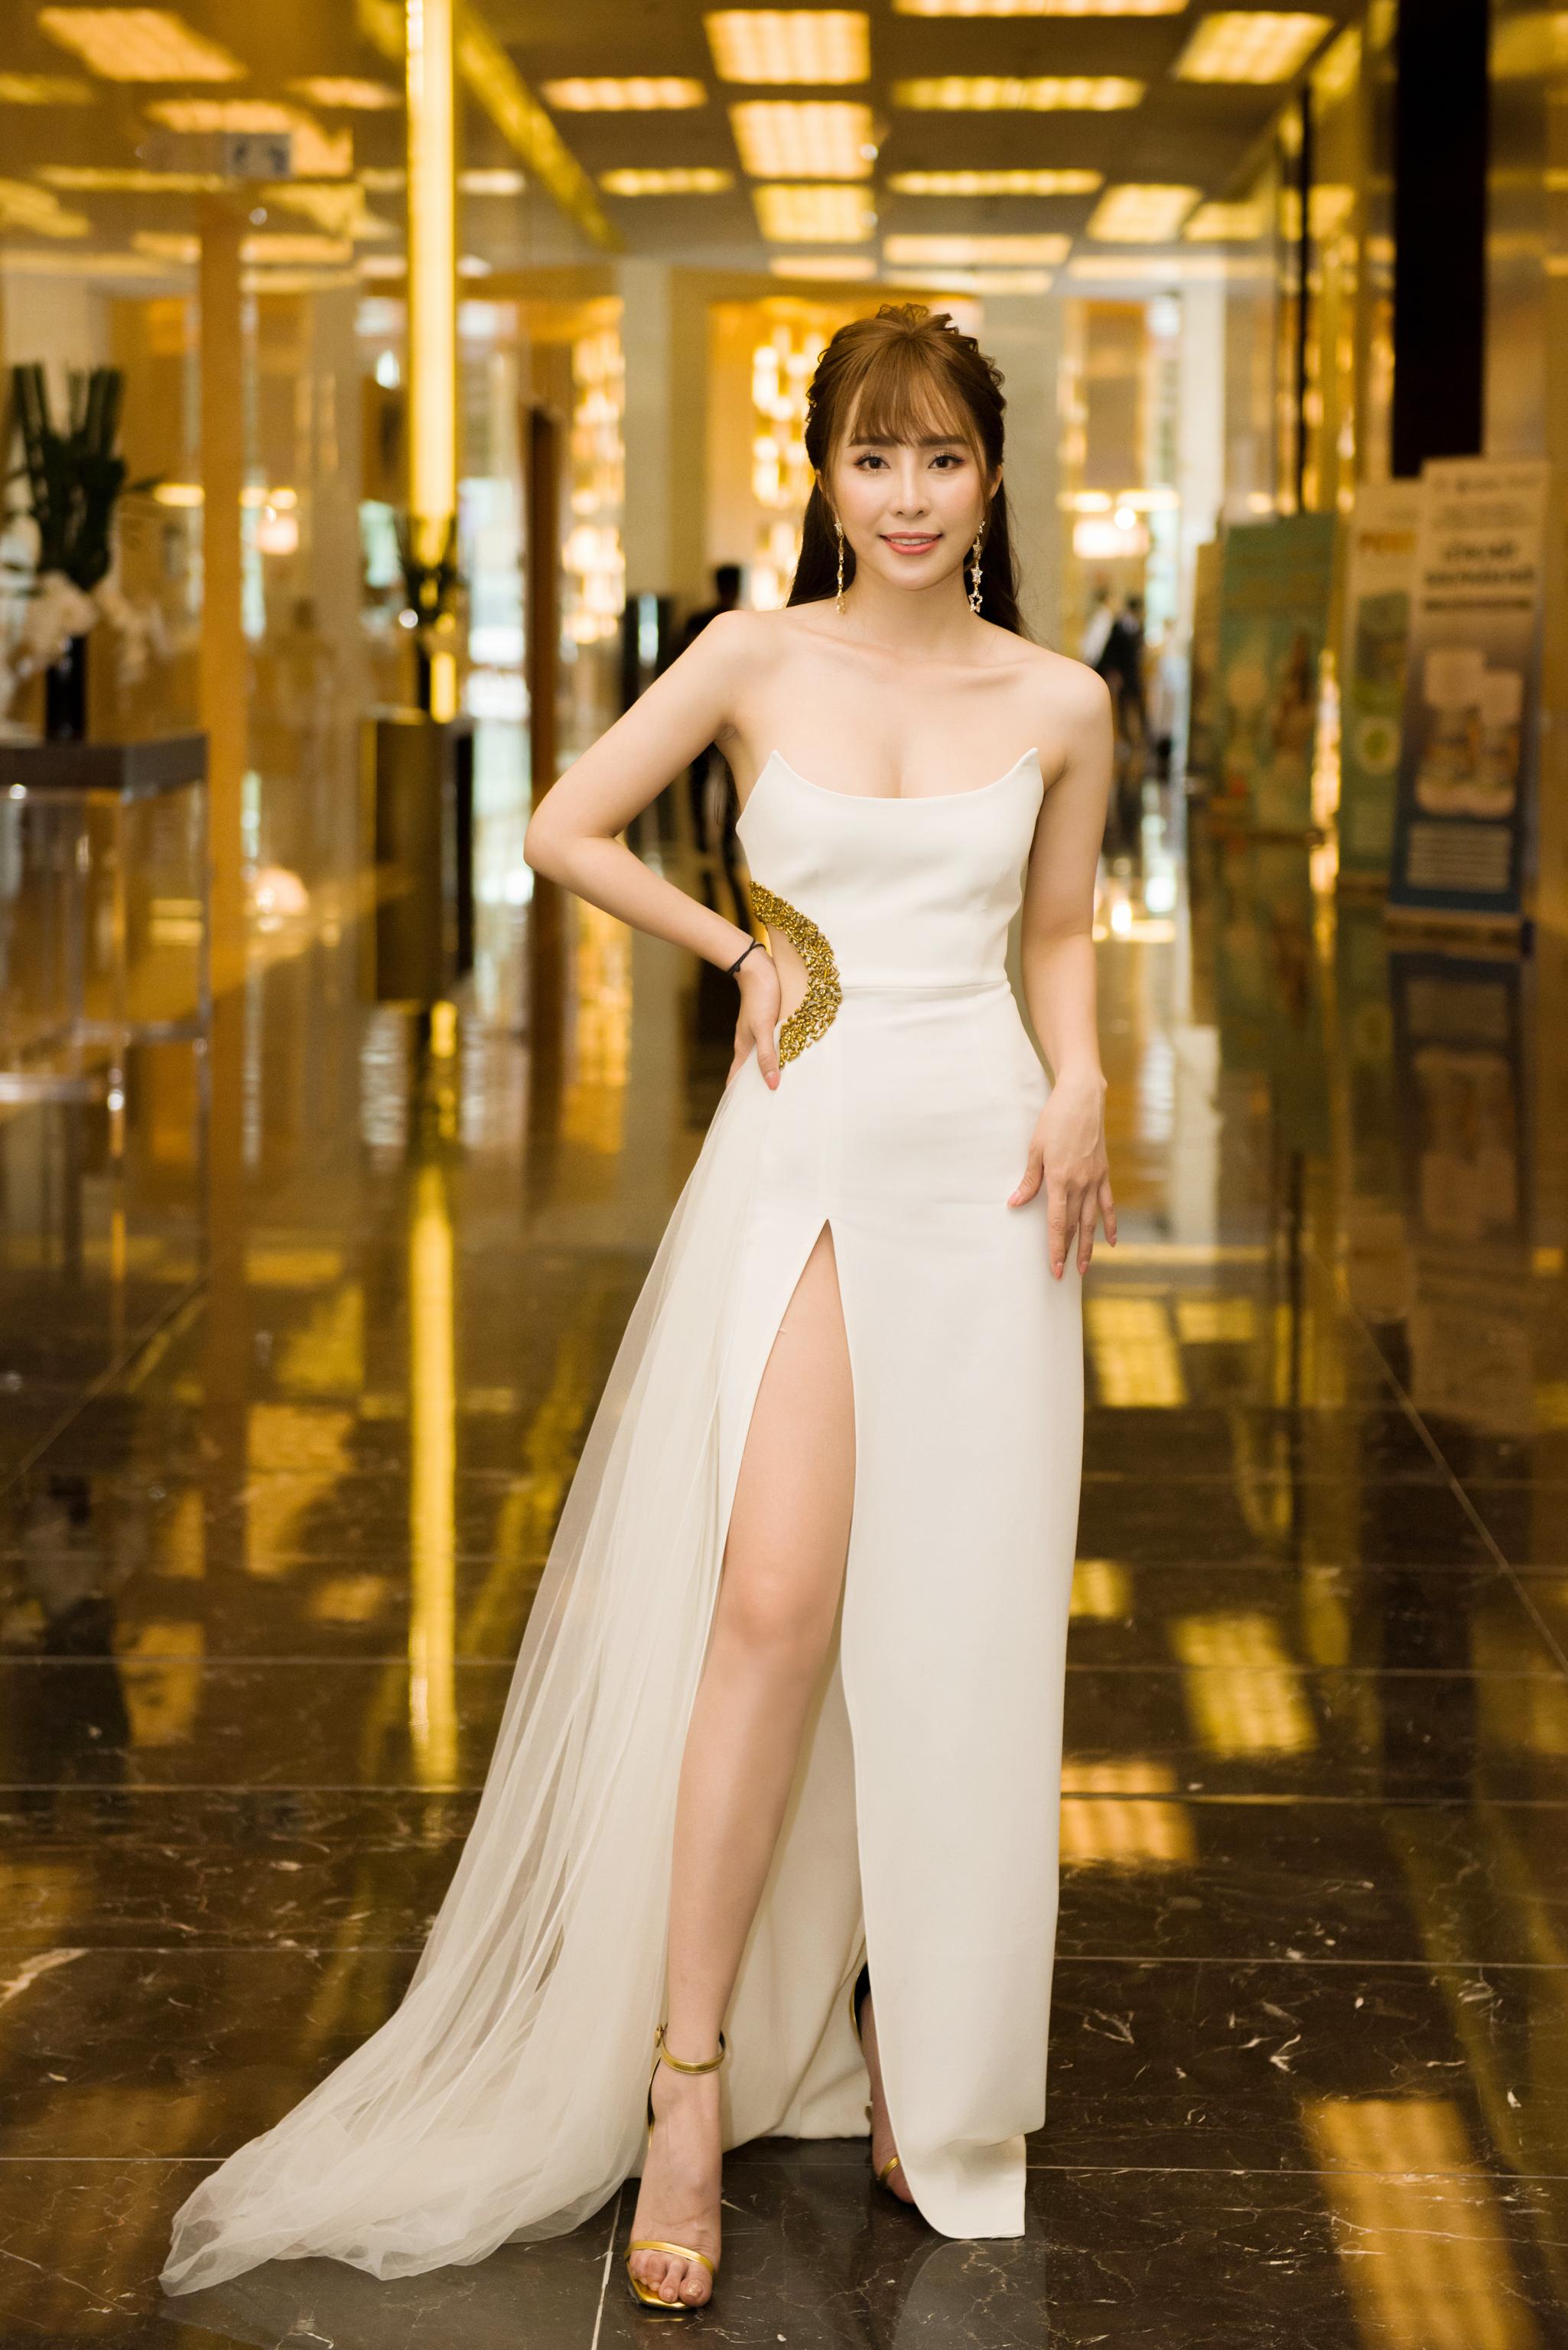 Quỳnh Nga diện gợi cảm, khoe dáng nóng bỏng đi sự kiện tại Hà Nội 3